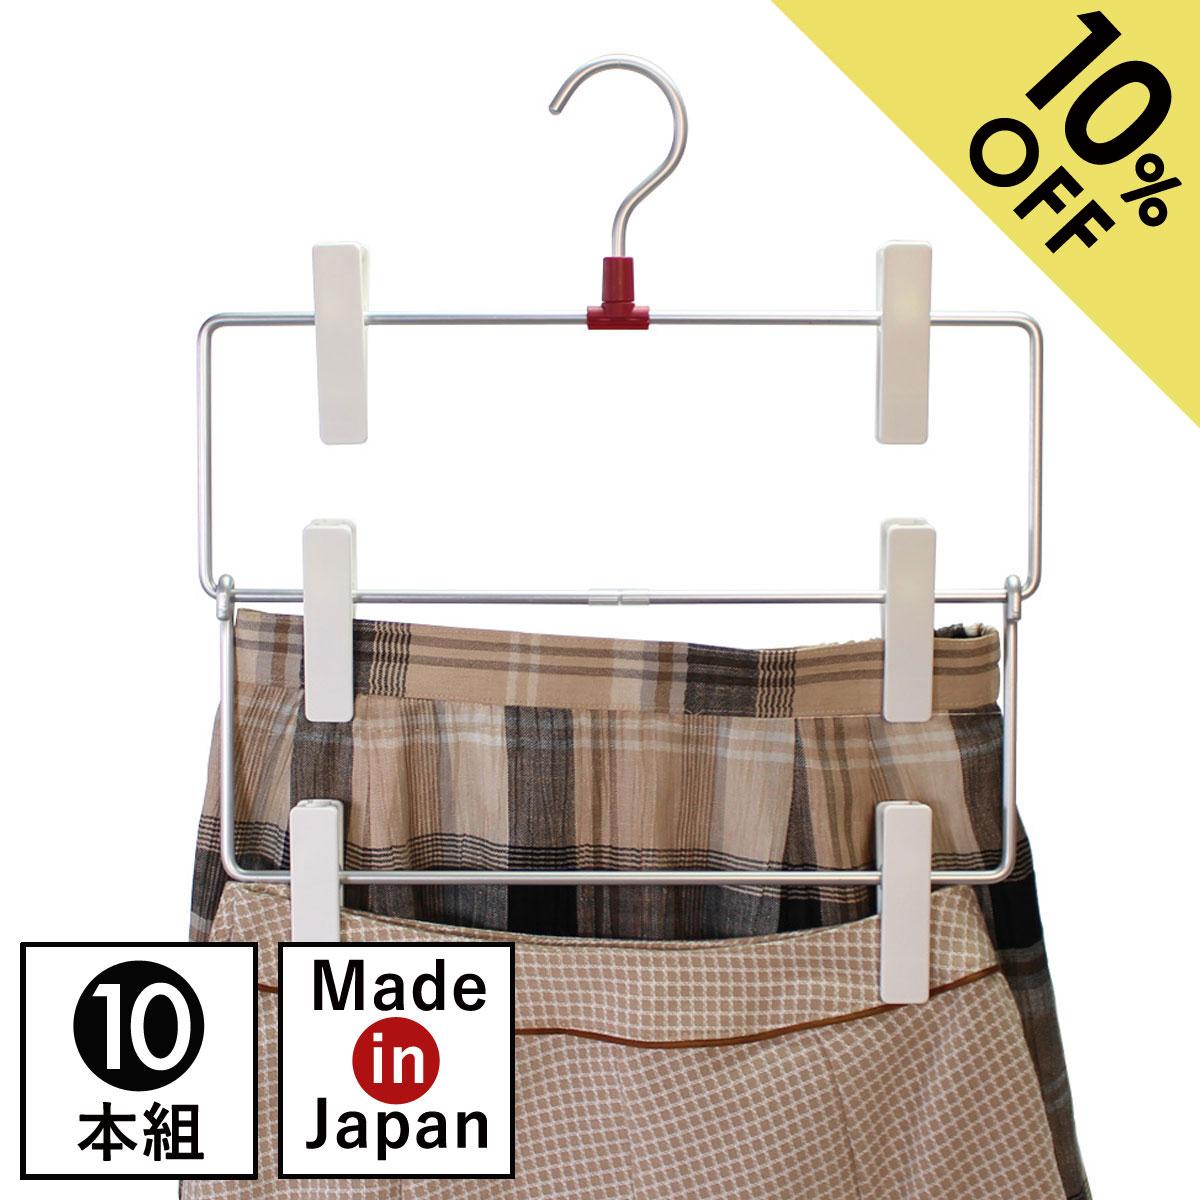 ハンガー クリップ おしゃれ 日本製 アルミ ハンガーキャット METALシリーズ スカートハンガー3段 10本組